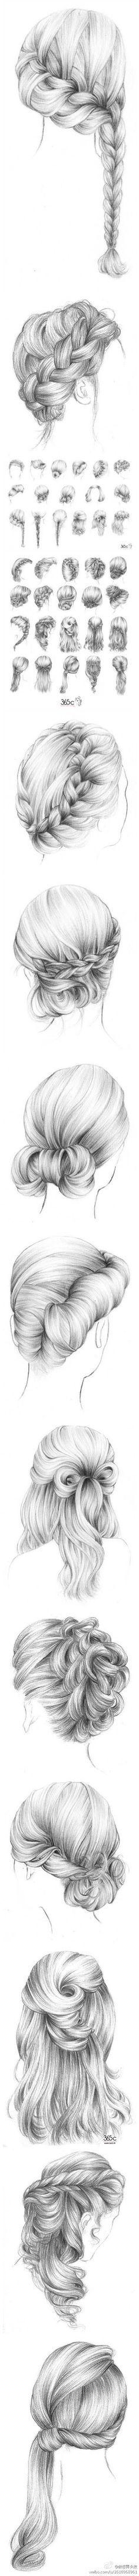 Lots of cute hair drawings